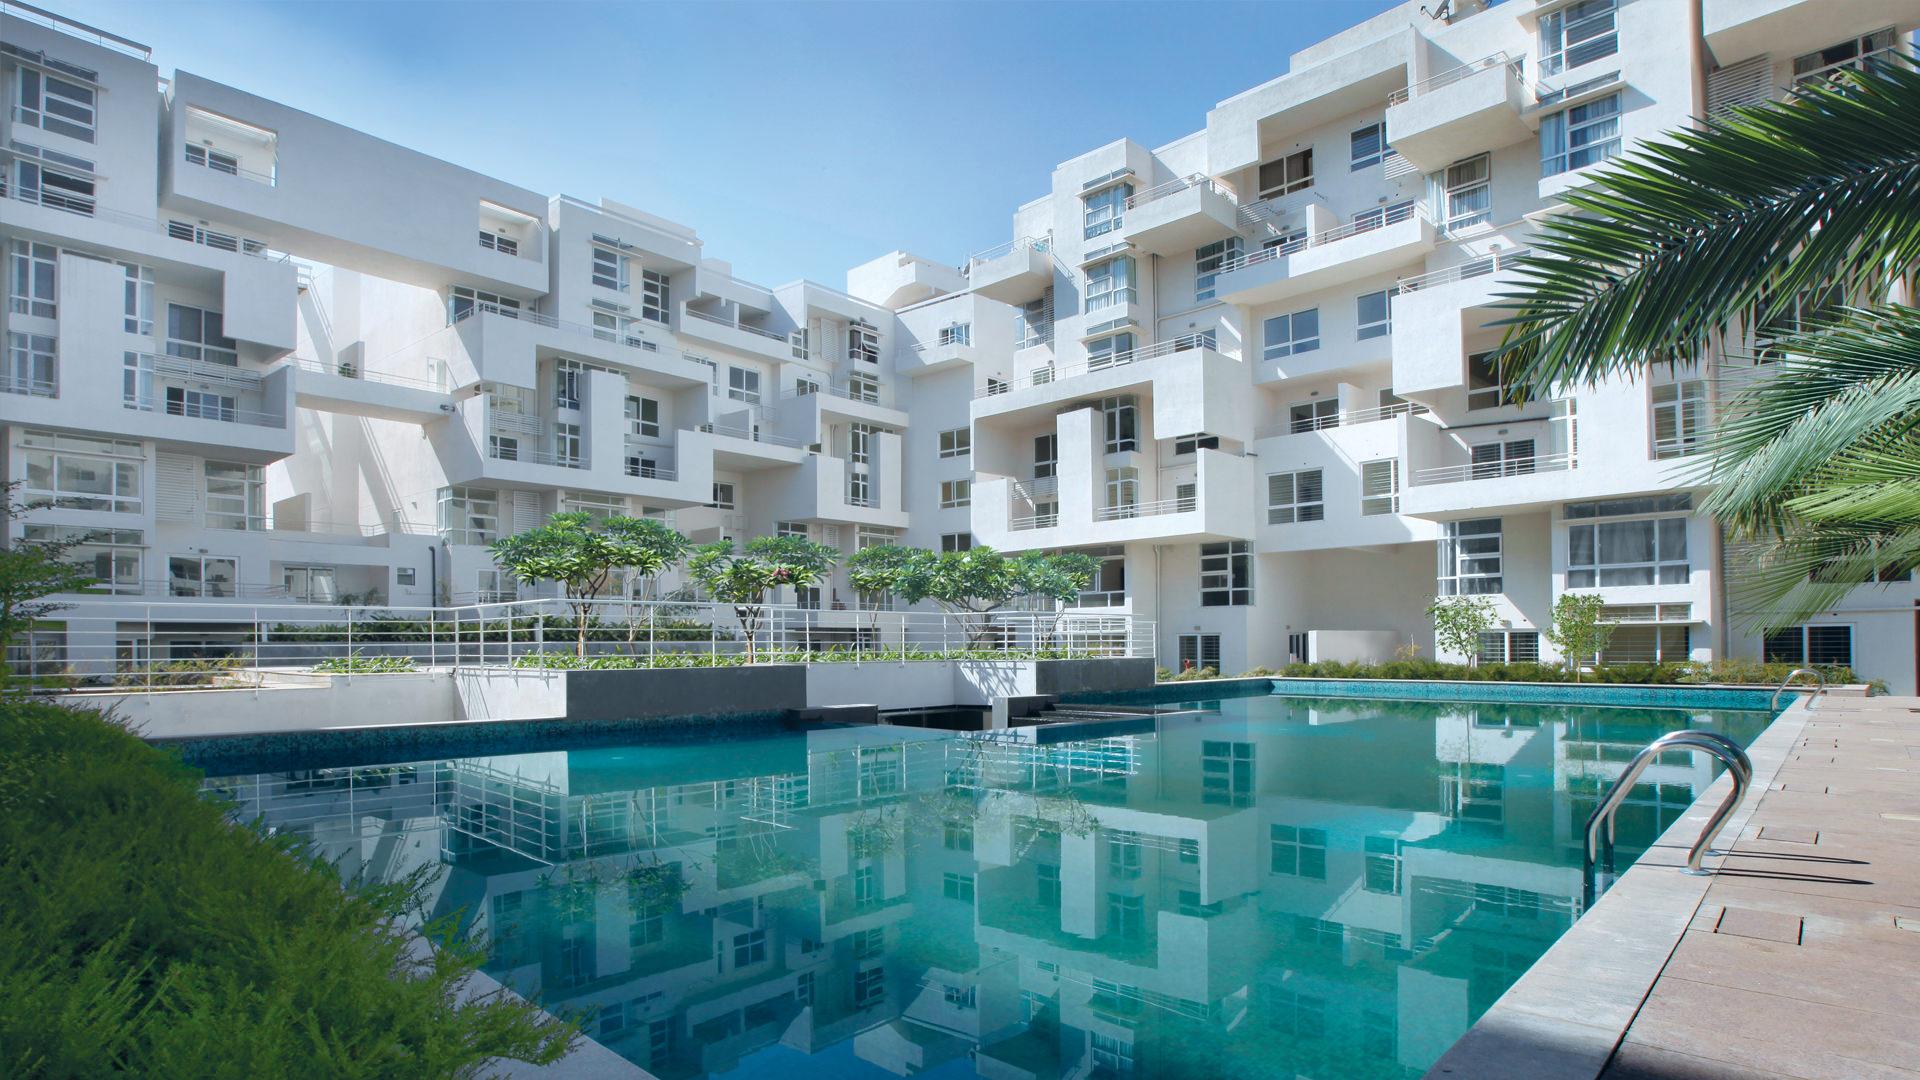 Rohan Mithila 3bhk Best Duplex Amp 4 Bhk Villas In Viman